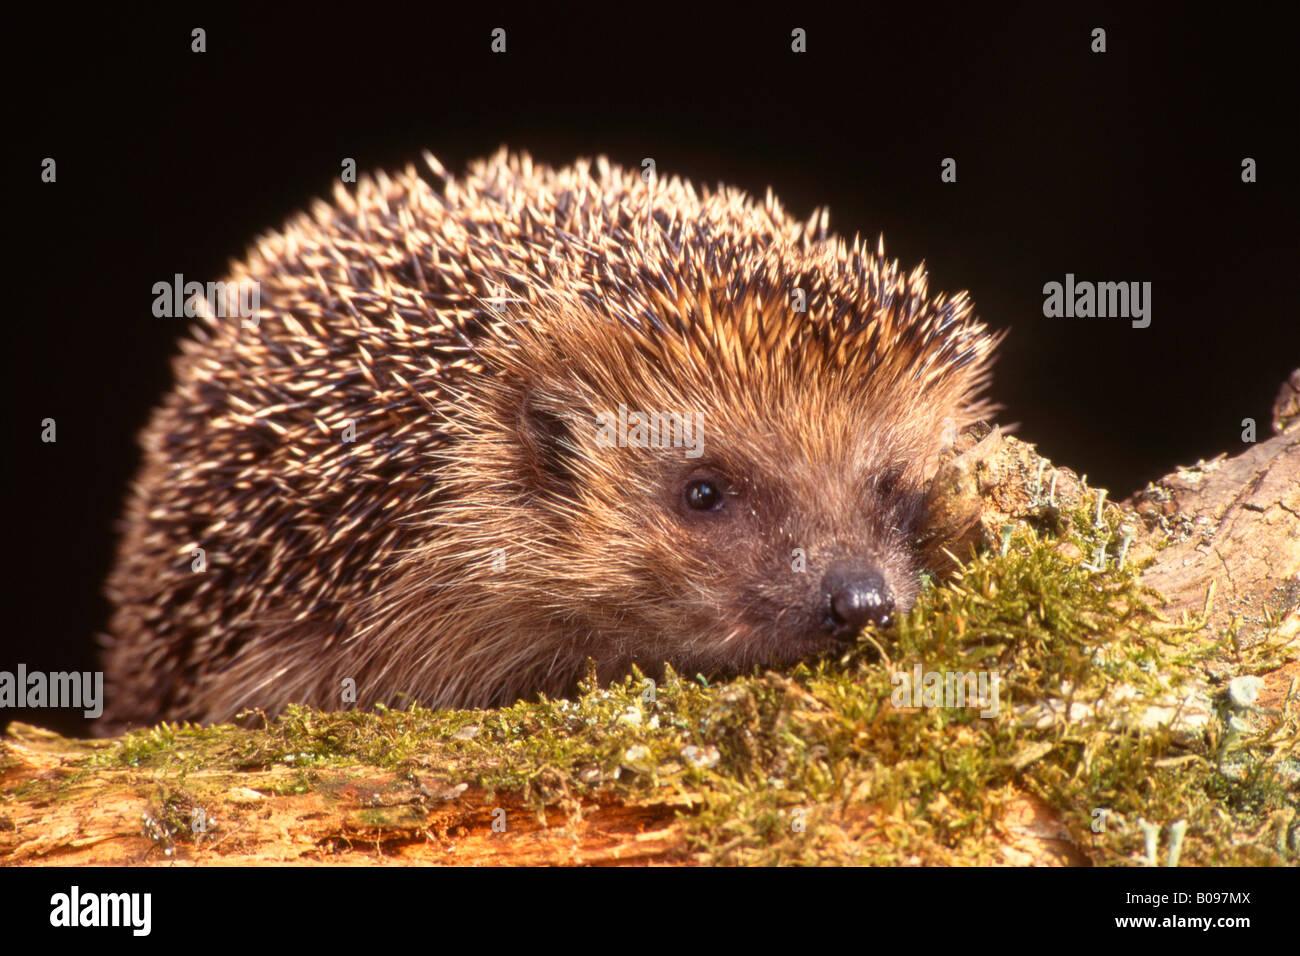 European Hedgehog (Erinaceus europaeus), Schwaz, Tyrol, Austria, Europe - Stock Image